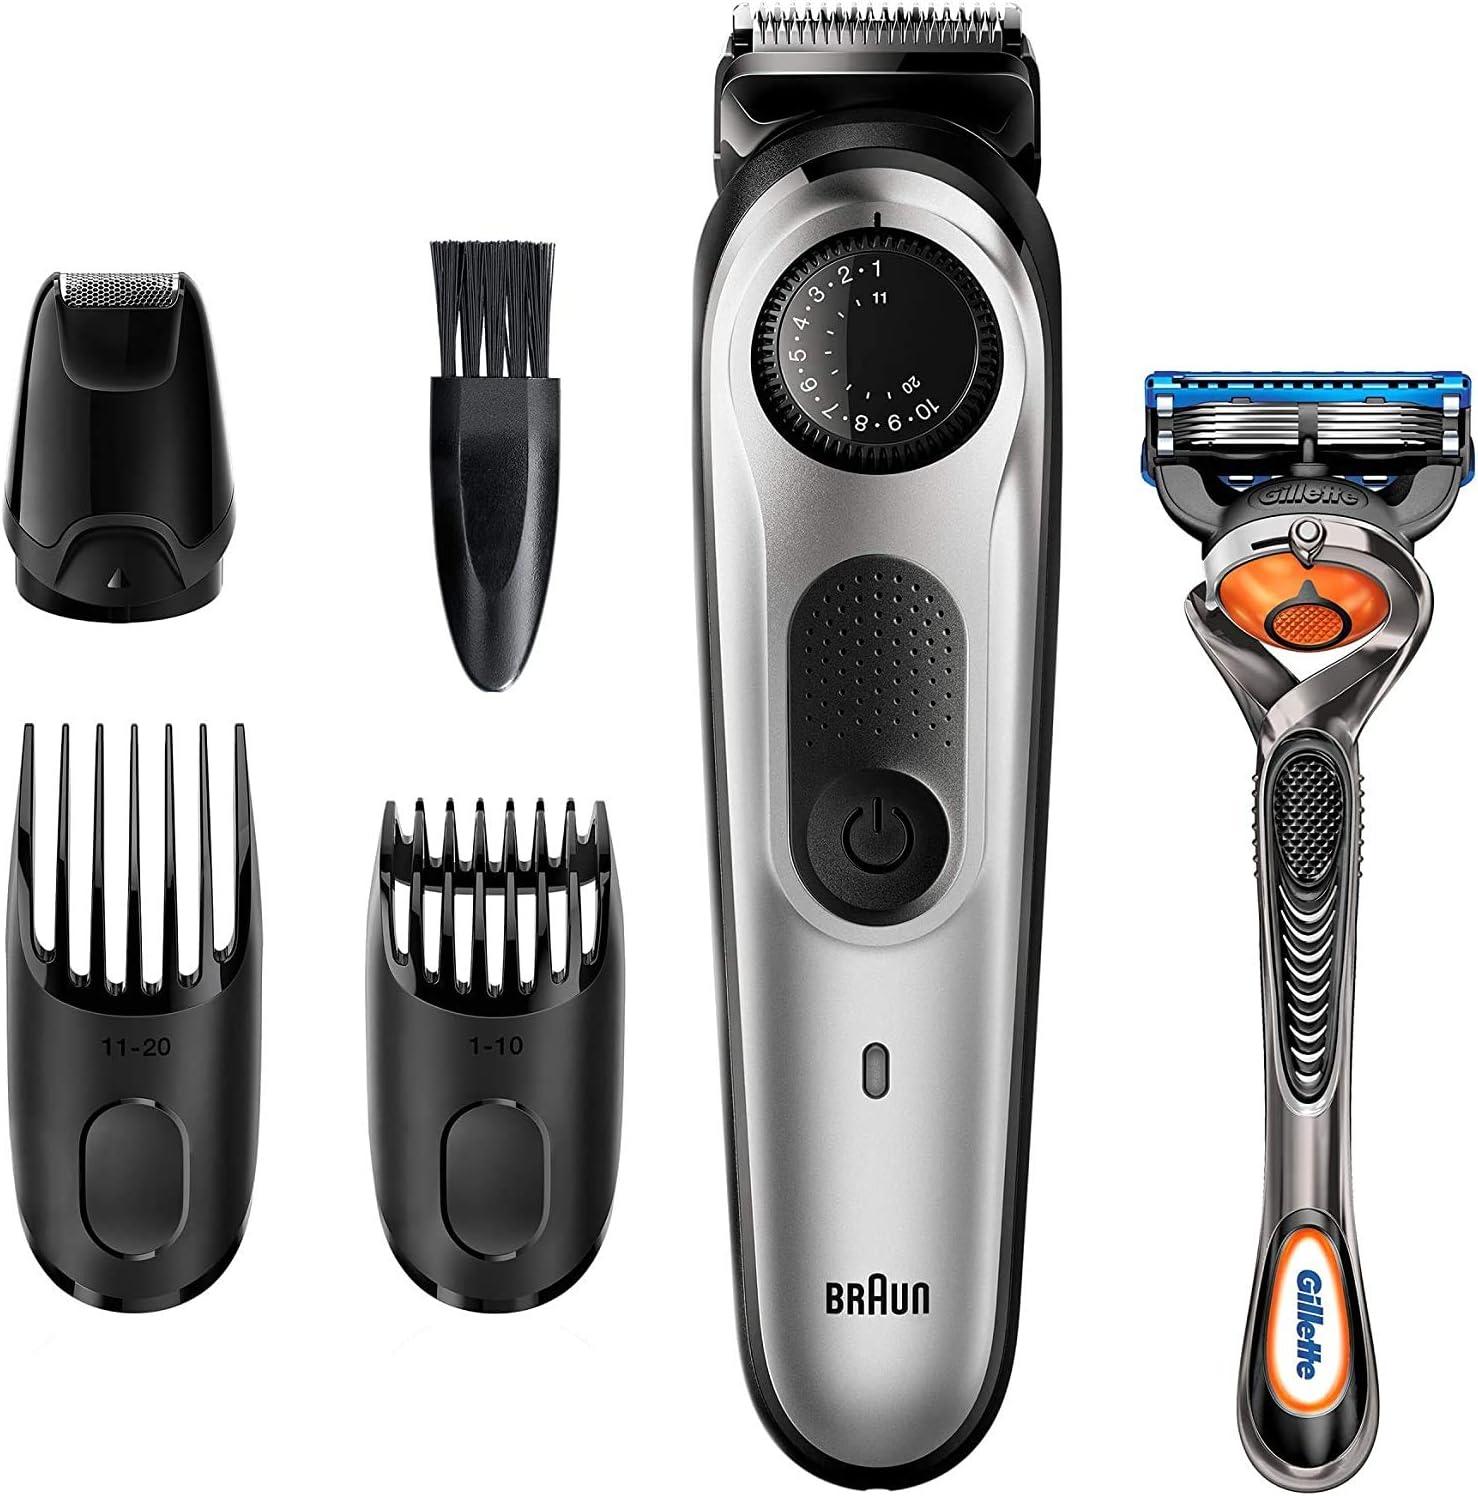 Braun Recortadora de Barba BT5265, Máquina Cortar Pelo, Recortadora de Barba y Cortapelos, para Hombre, 39 Ajustes de Longitud, Color Negro/Metal Plateado: Amazon.es: Salud y cuidado personal